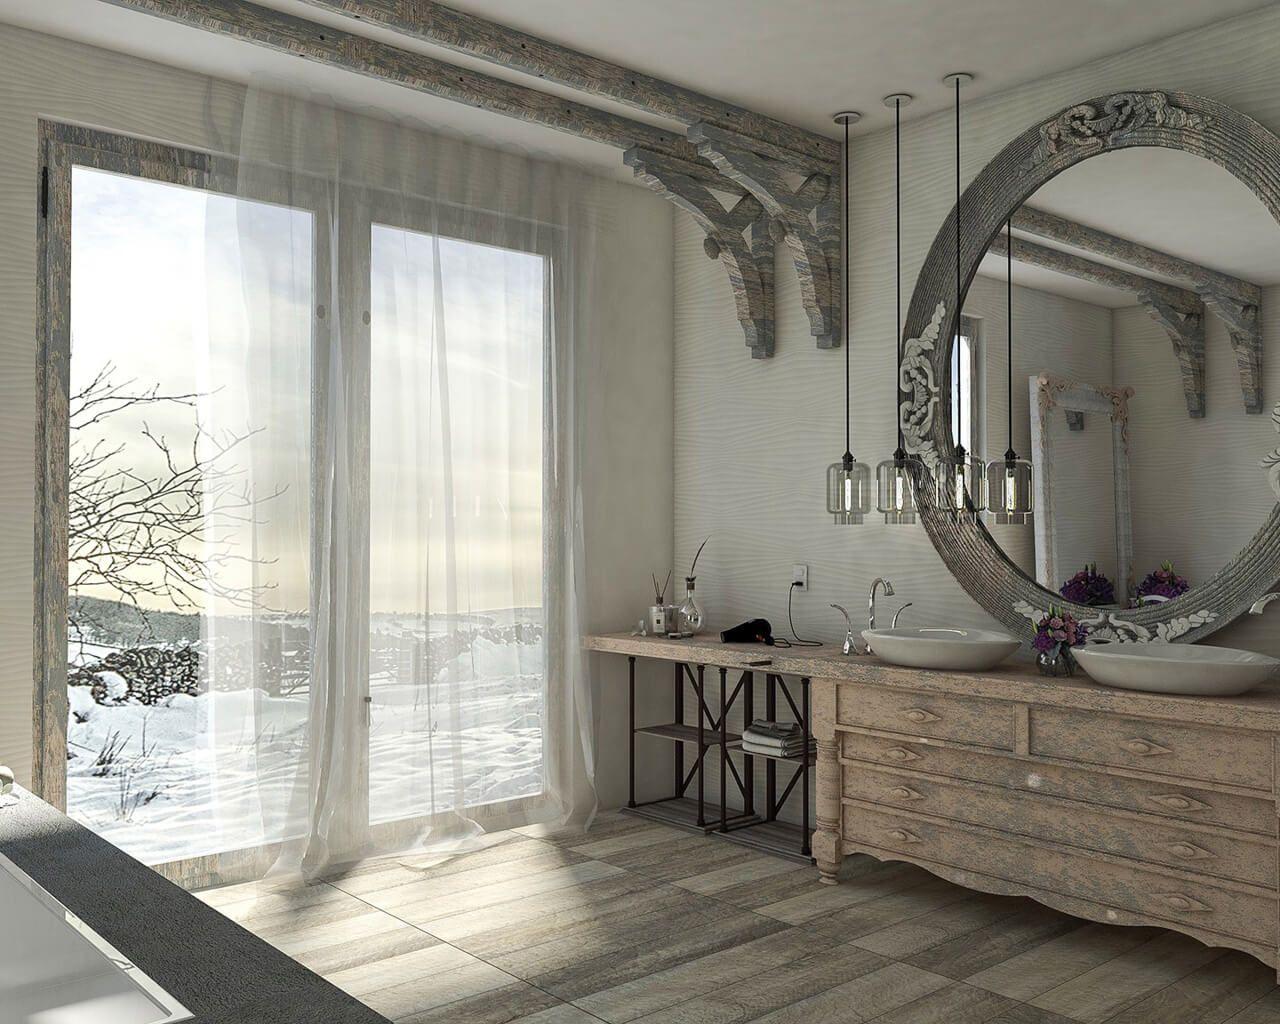 Współczesna łazienka W Stylu Retro Z Geometrią W Tle